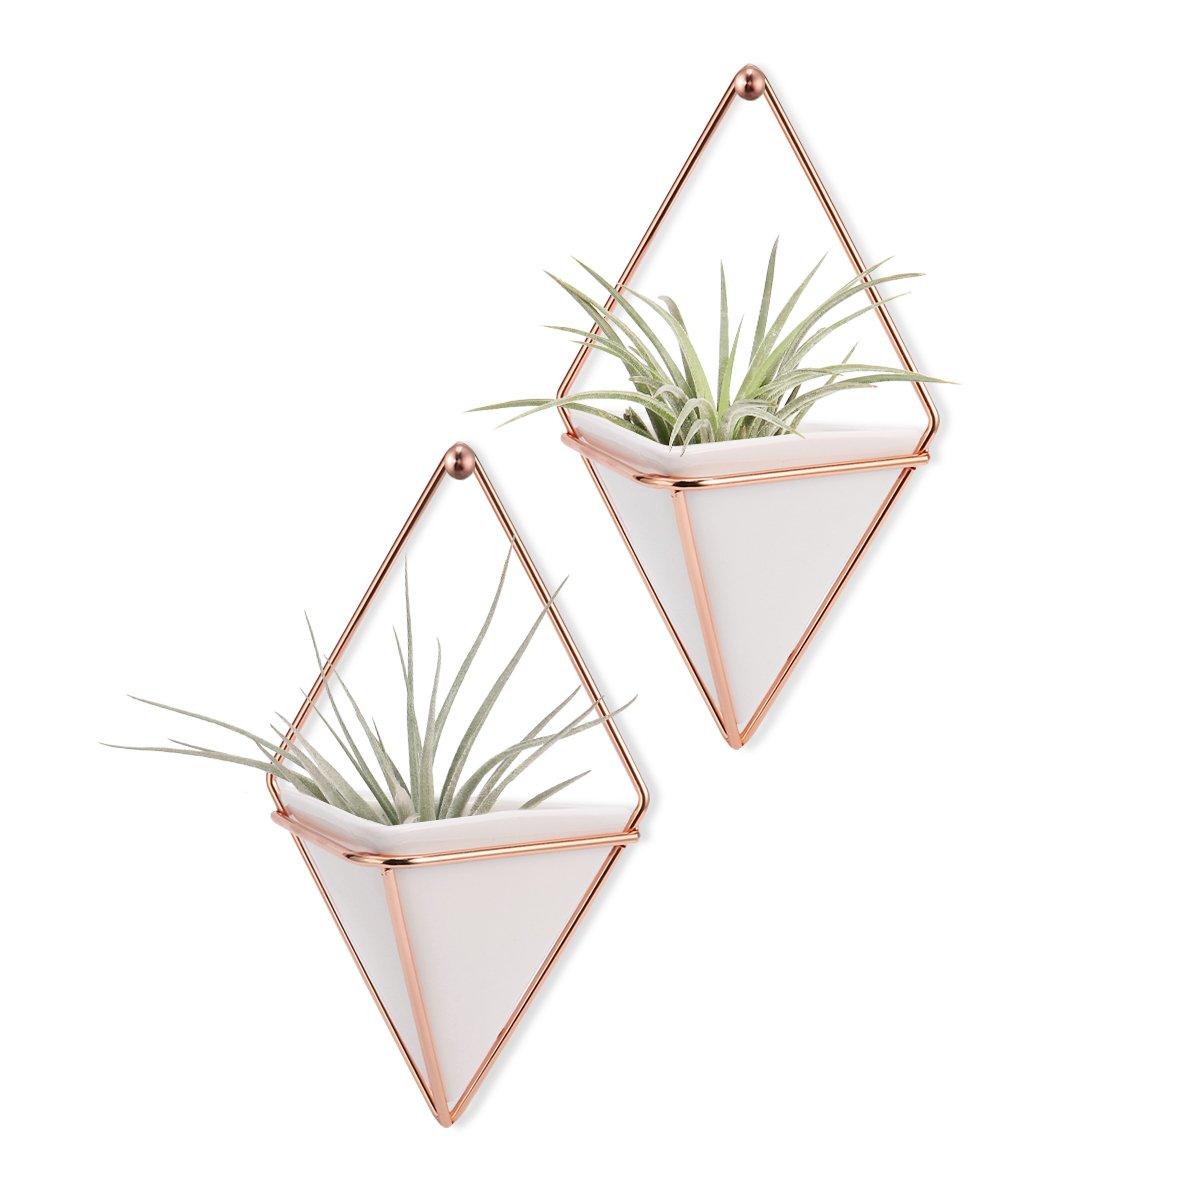 Hanging Vase,LANMU Air Plants Pots,Hanging Wall Decor,Plant Holder,Hanging Plant for Air Plants/Succulents/Cactus Plants/Office Plants/Artificial Plant -2 Pack